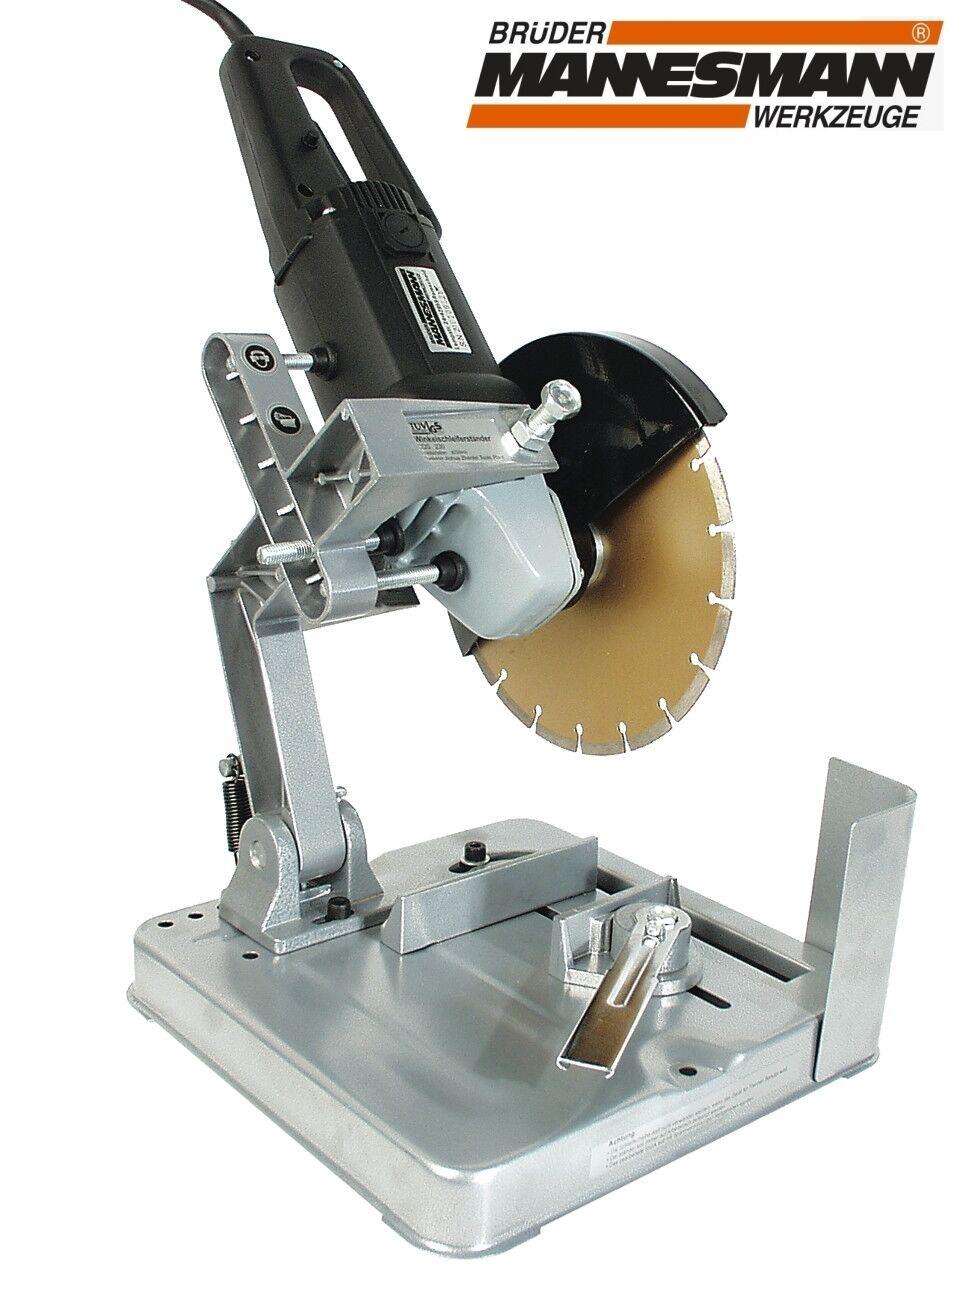 Trennständer Trenn Ständer Winkelschleifer 180 230mm Schneider Trennschleifer